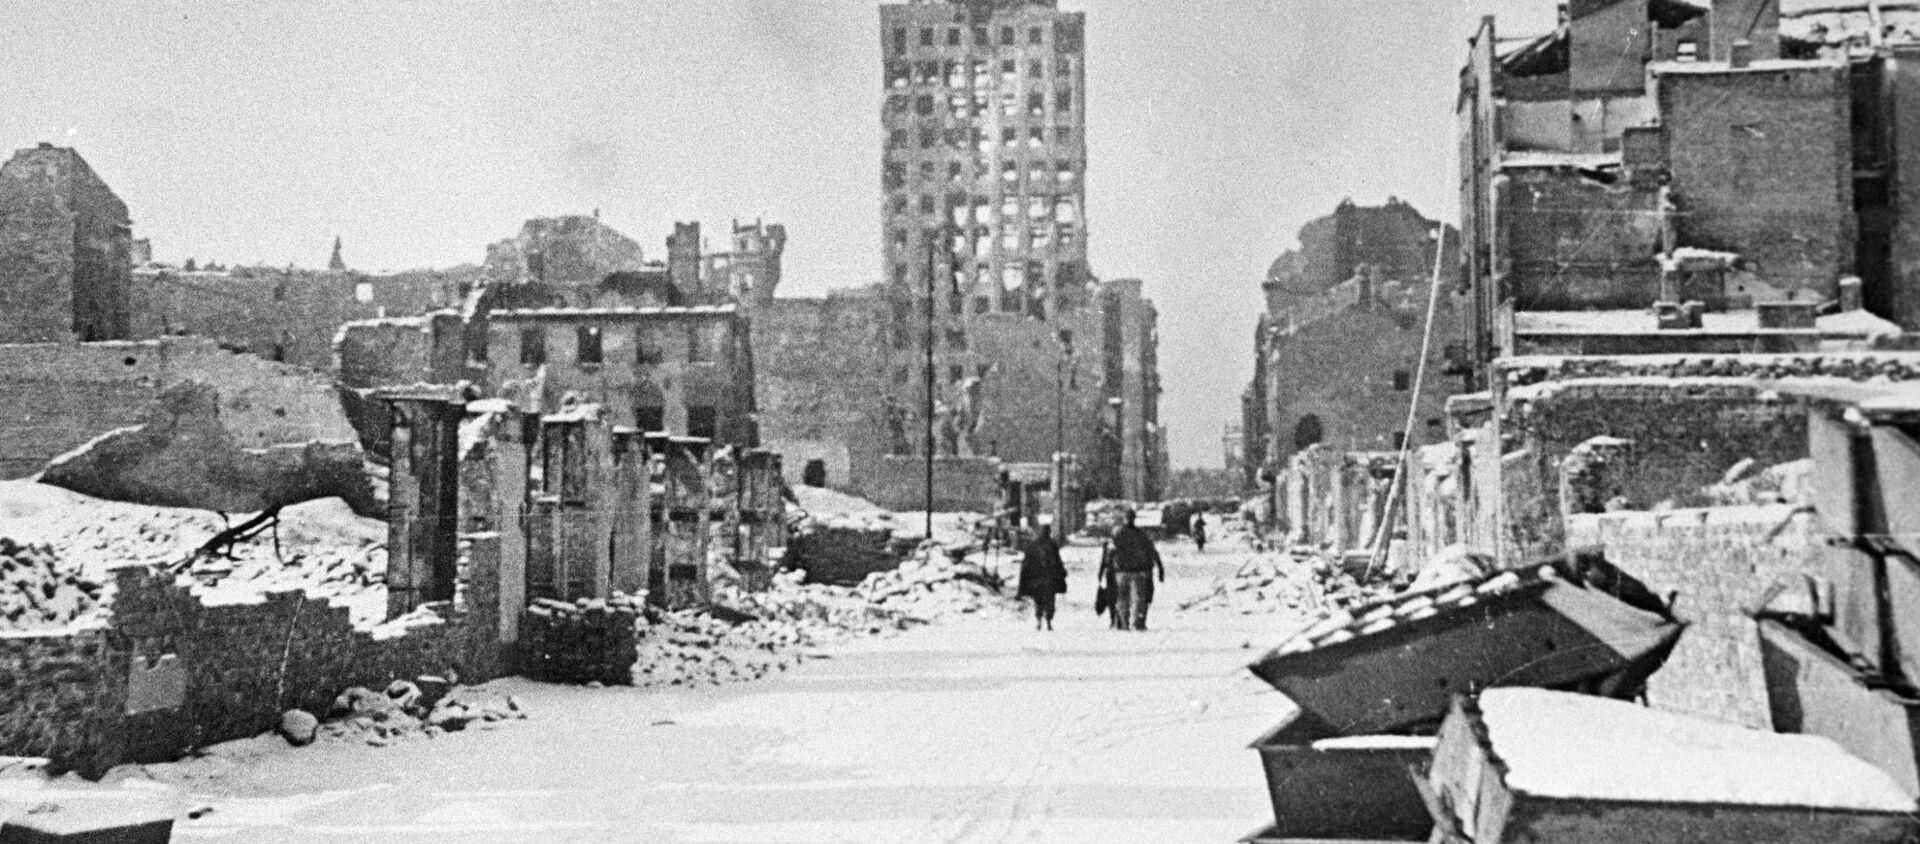 Warszawa po wyzwoleniu z okupacji, 1945 rok  - Sputnik Polska, 1920, 17.01.2020